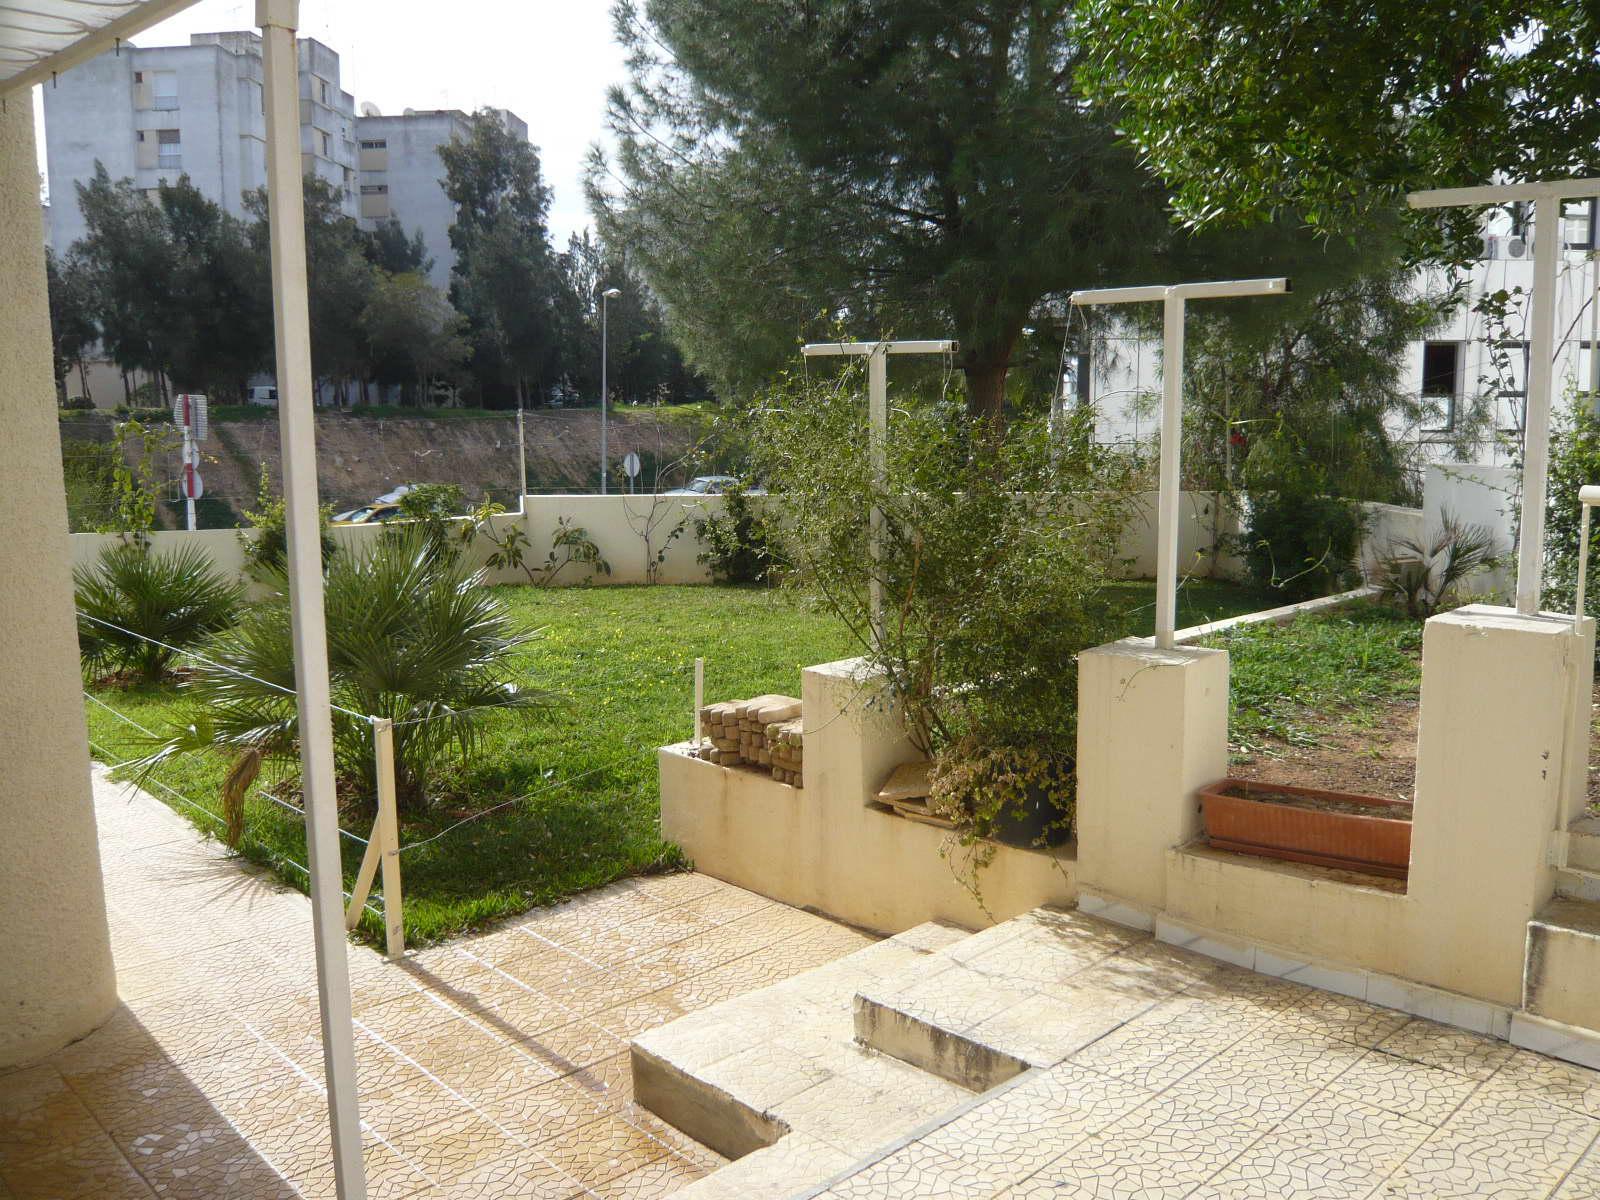 Location studio en tunisie achat vente louer des studios for Vente en location